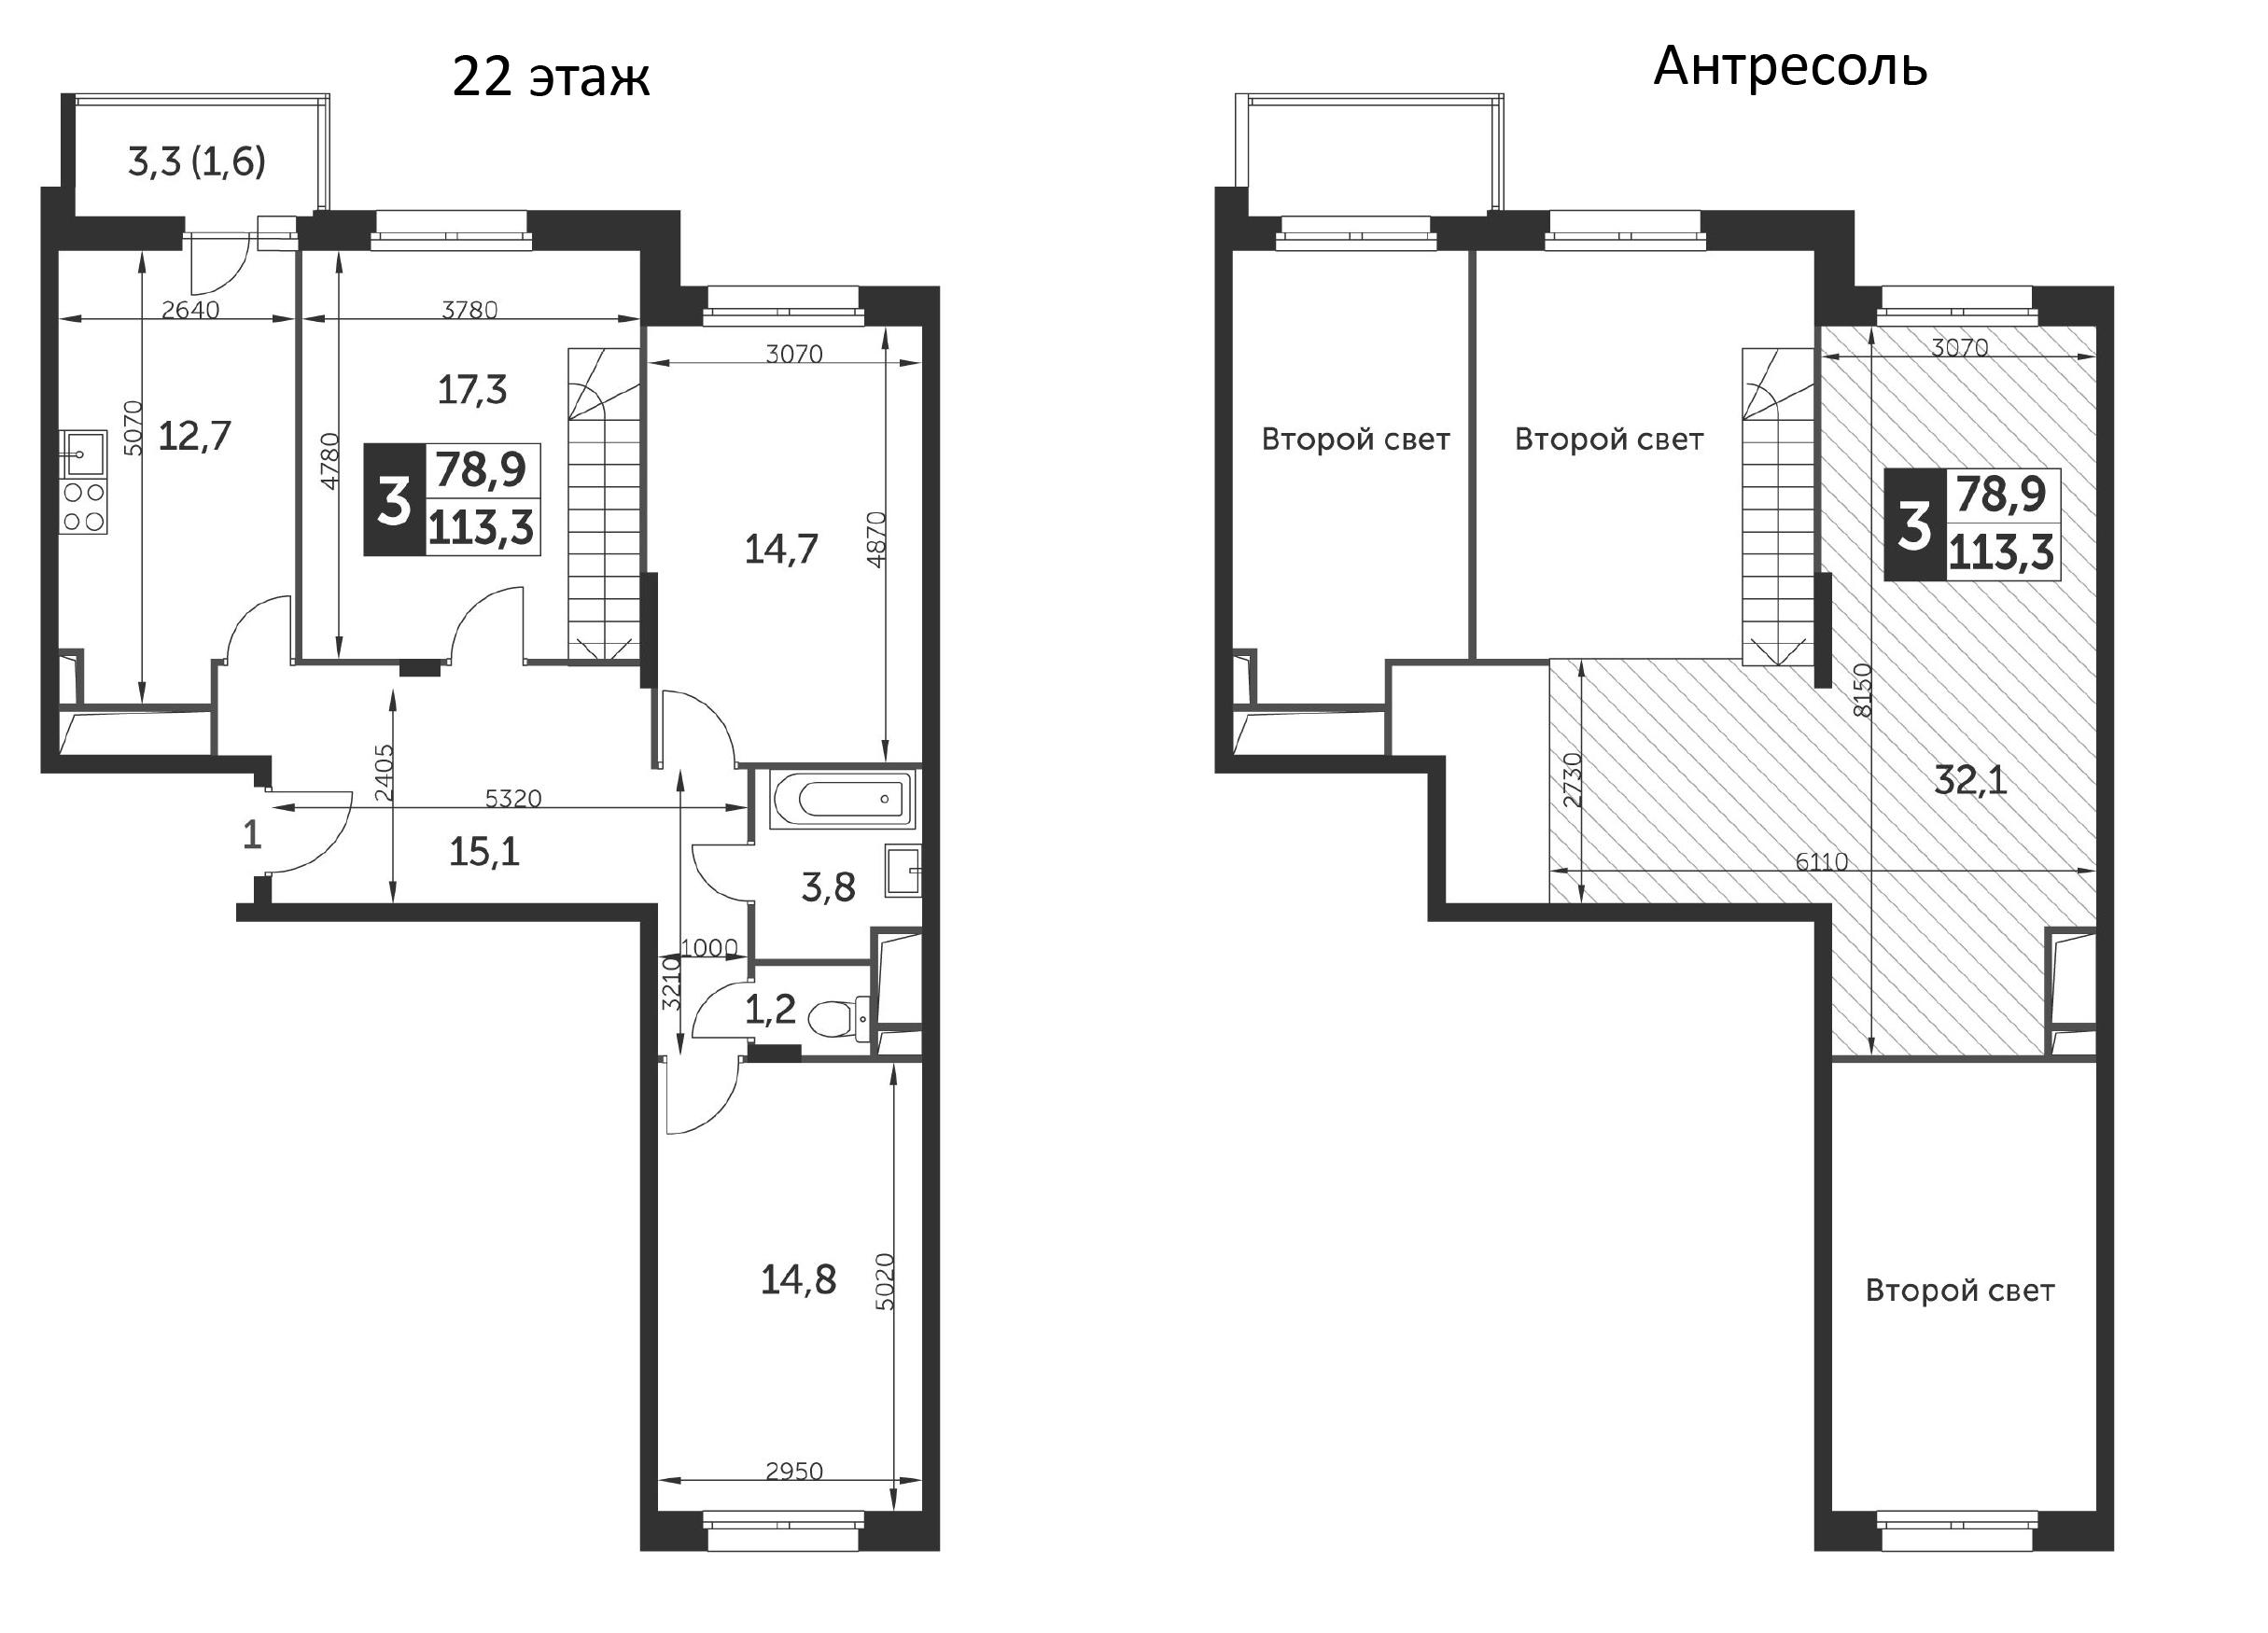 3-к.кв, 113.3 м²